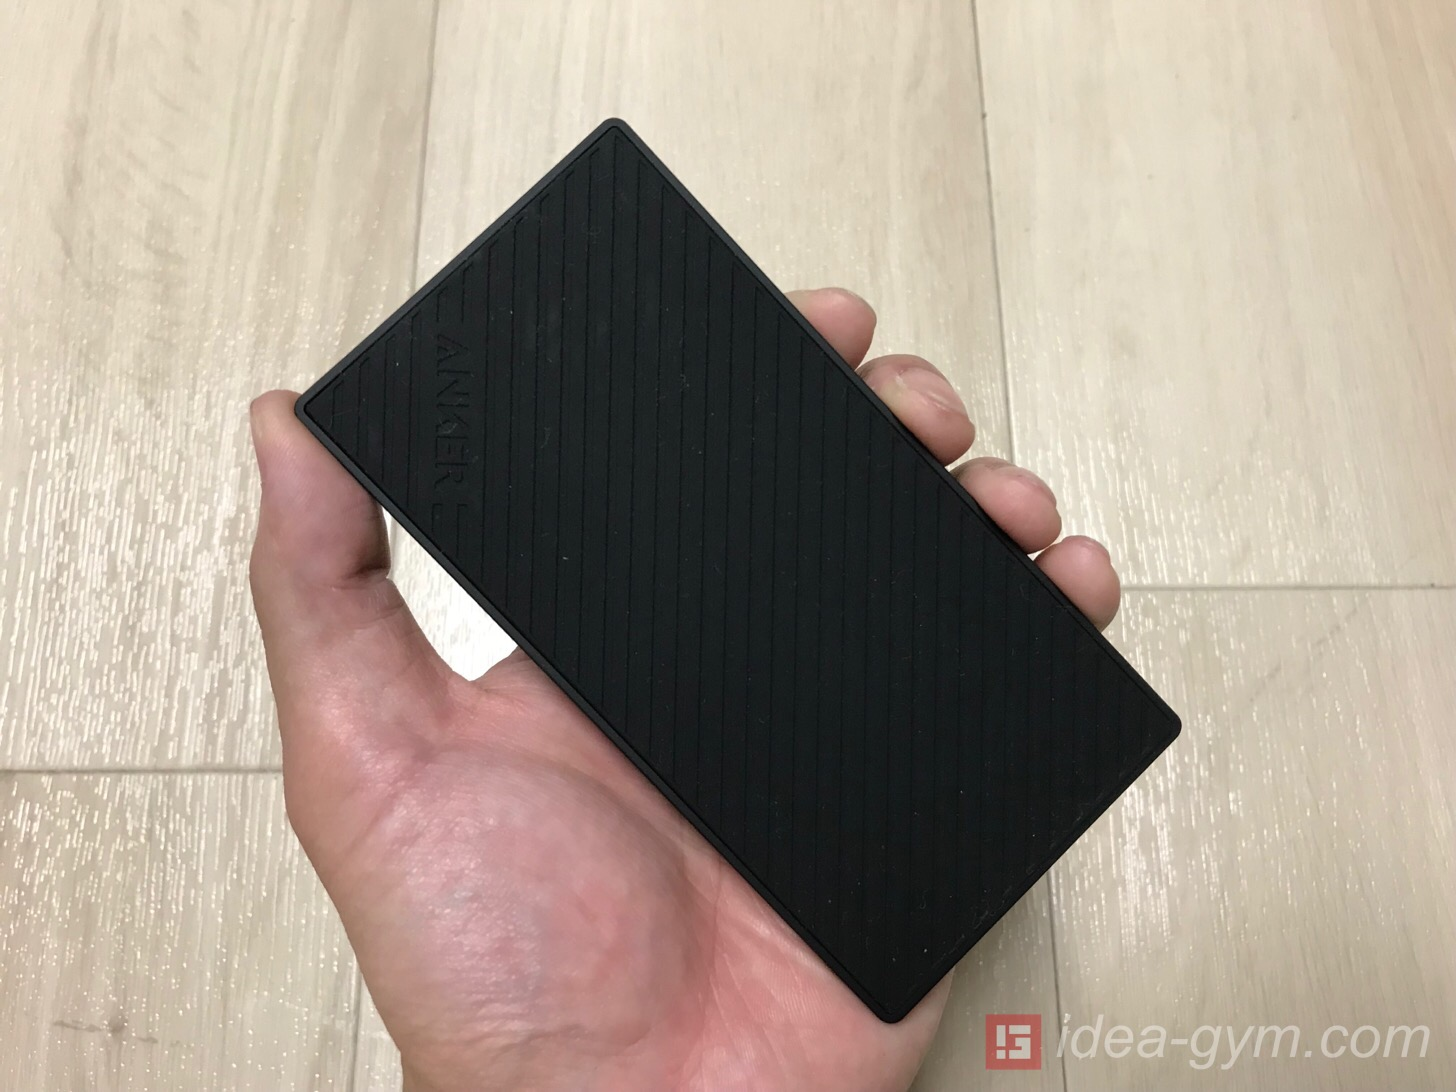 重ねて持ちやすい薄型モバイルバッテリーAnker PowerCore Slim 5000